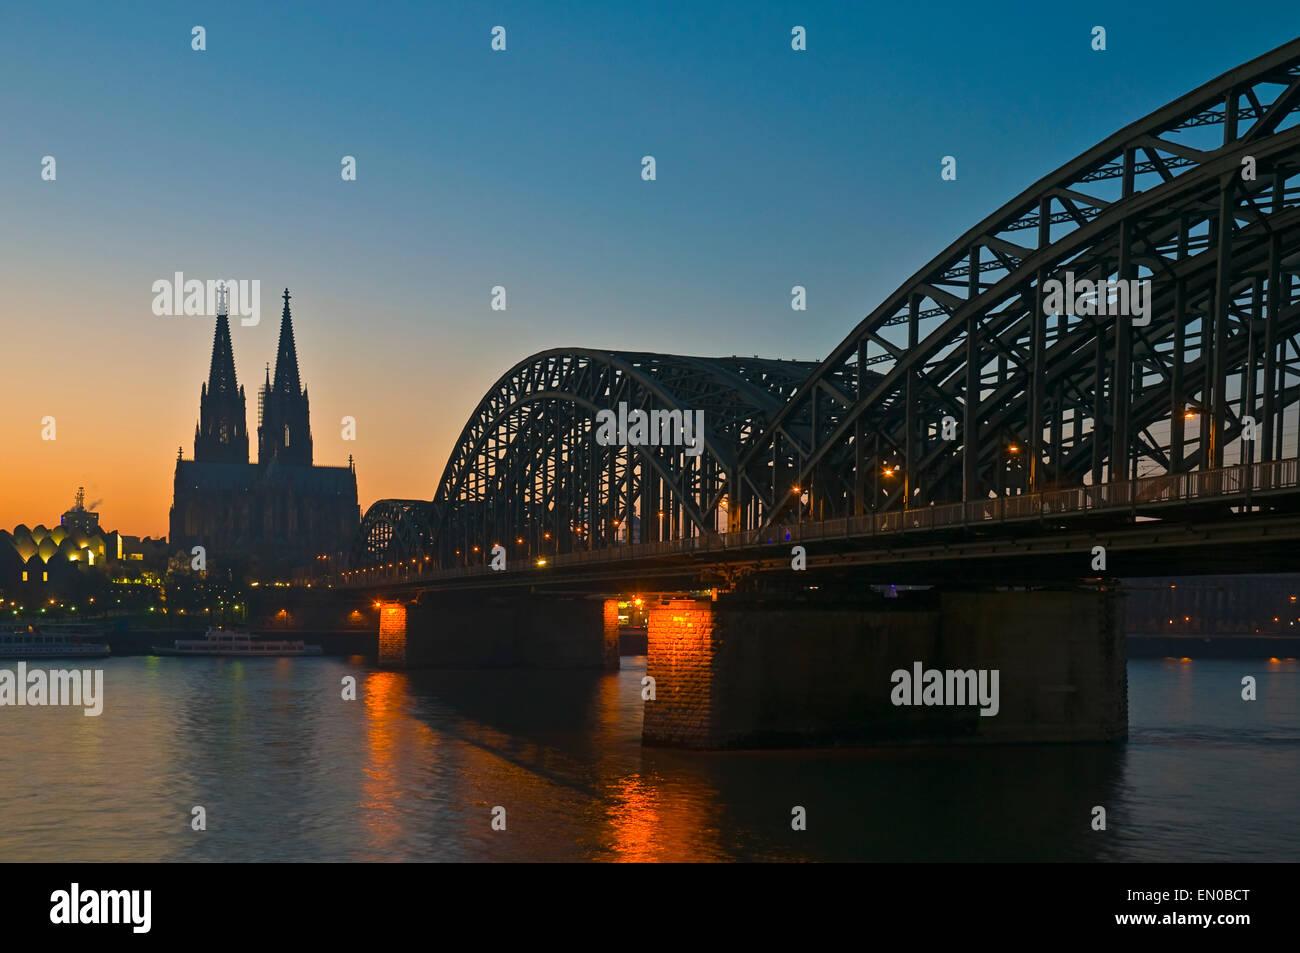 Cologne Dome, Hohenzollern Bridge at night, Northrhine-Westfalia, Germany, Europe - Stock Image